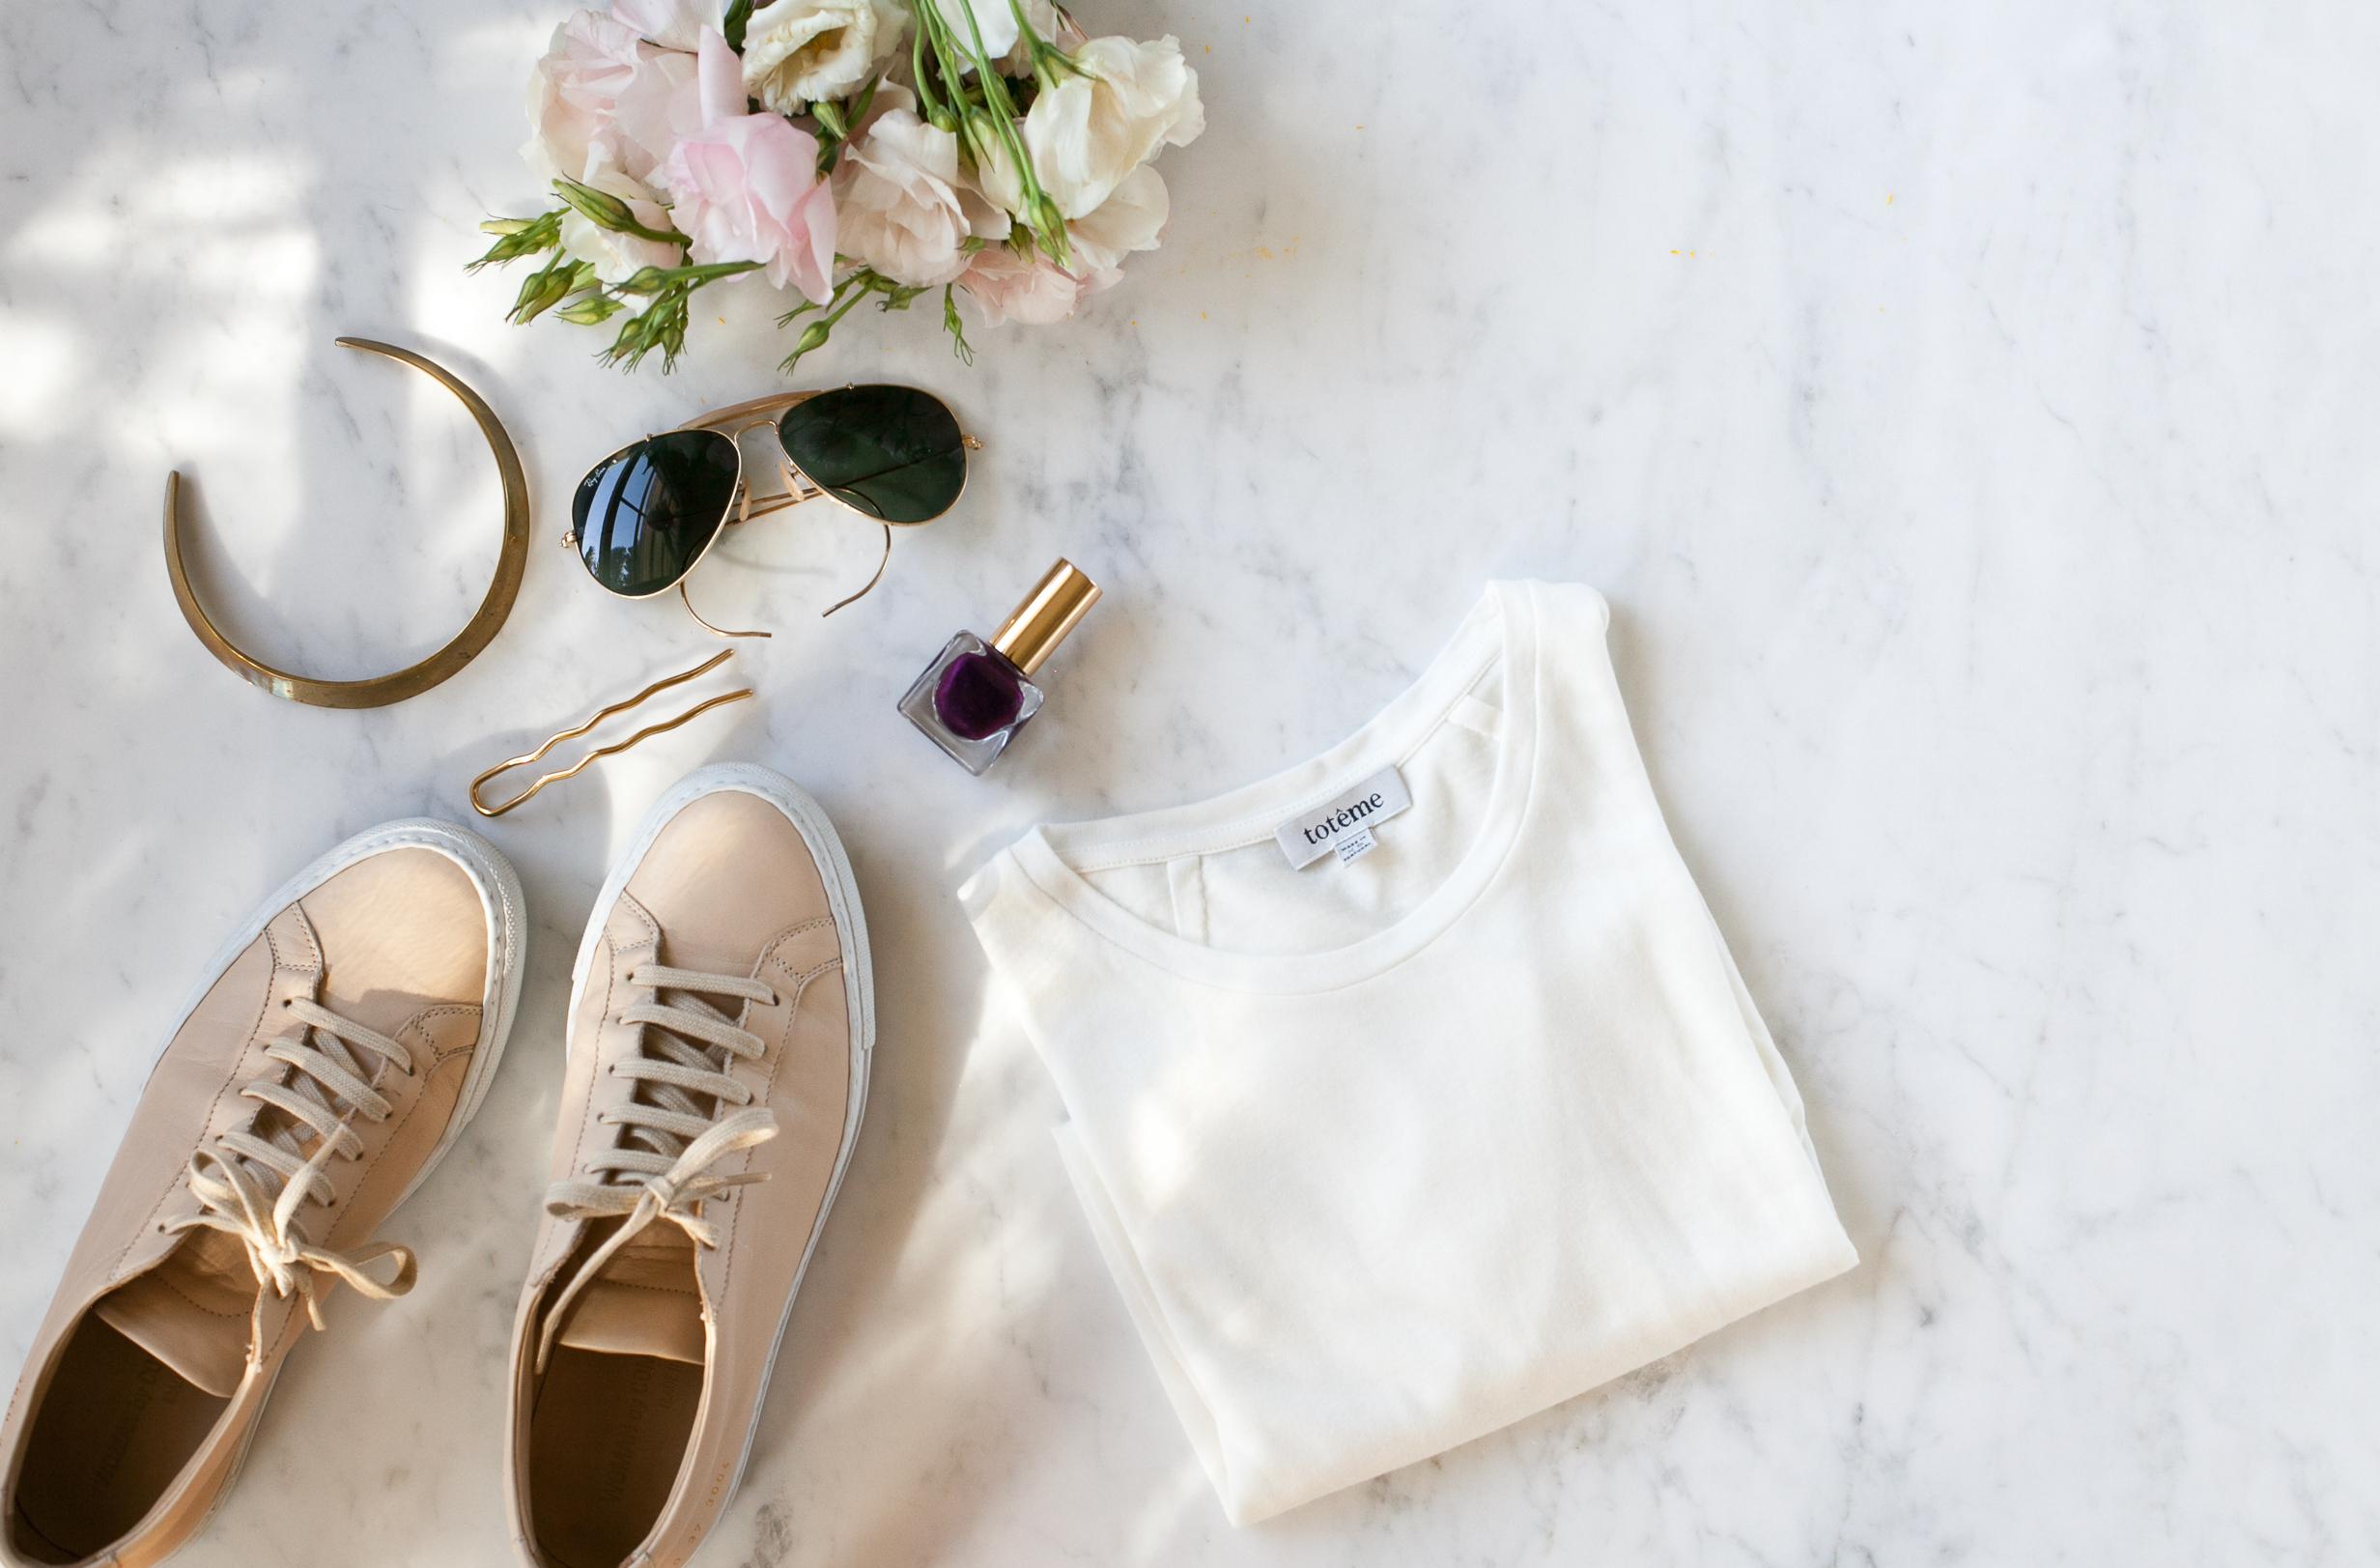 Summer neutrals by Naomi Yamada